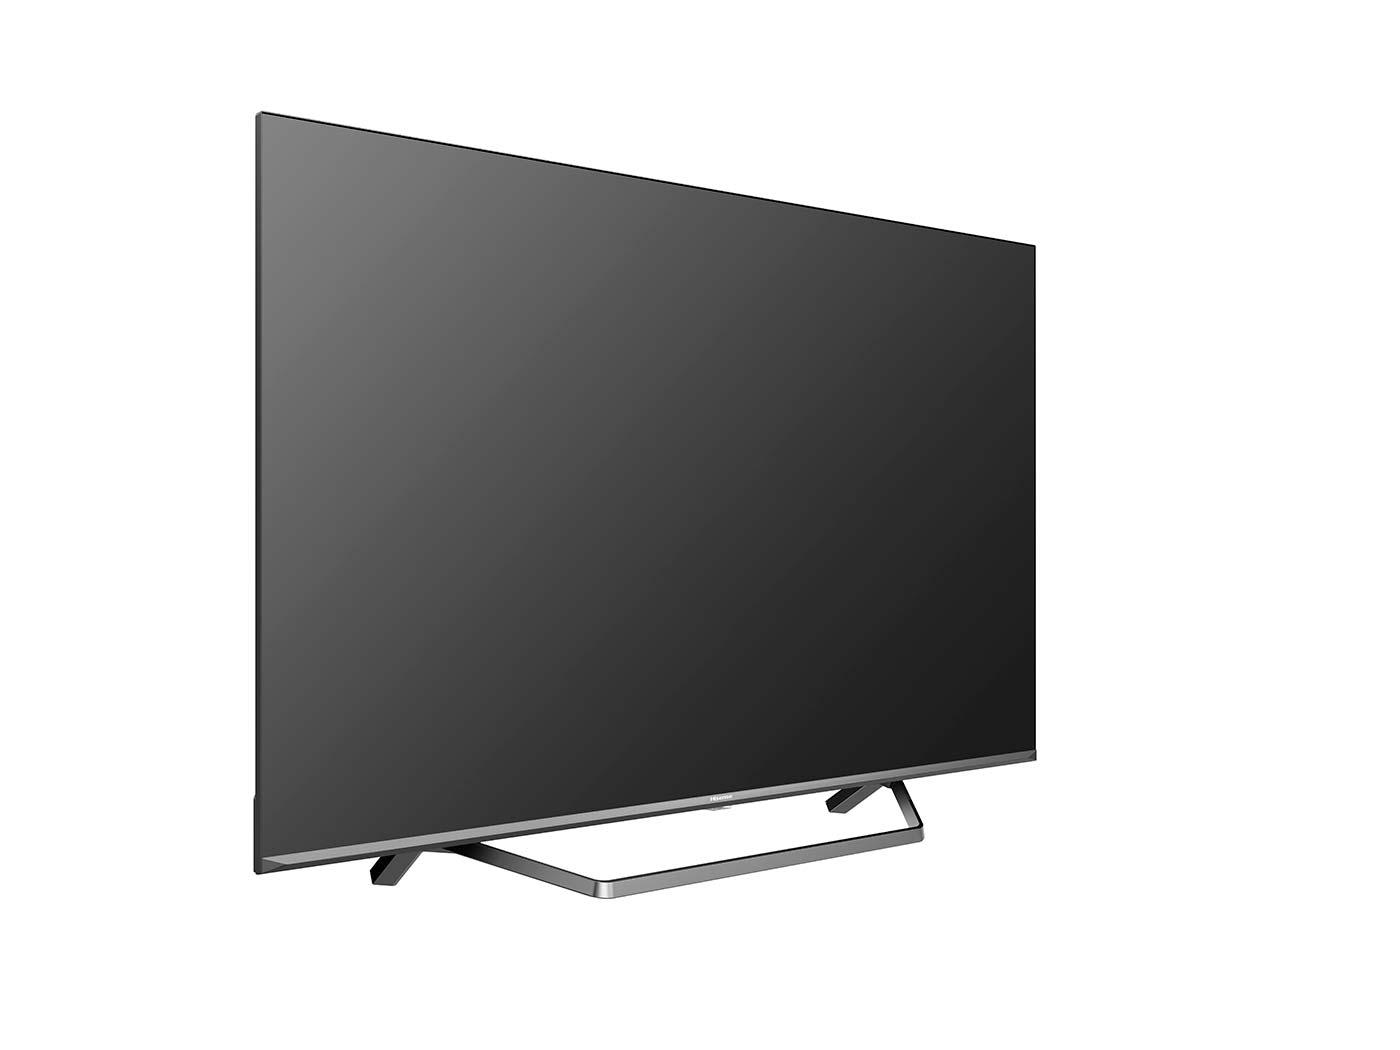 ULED TV ULED TV 65U7QF